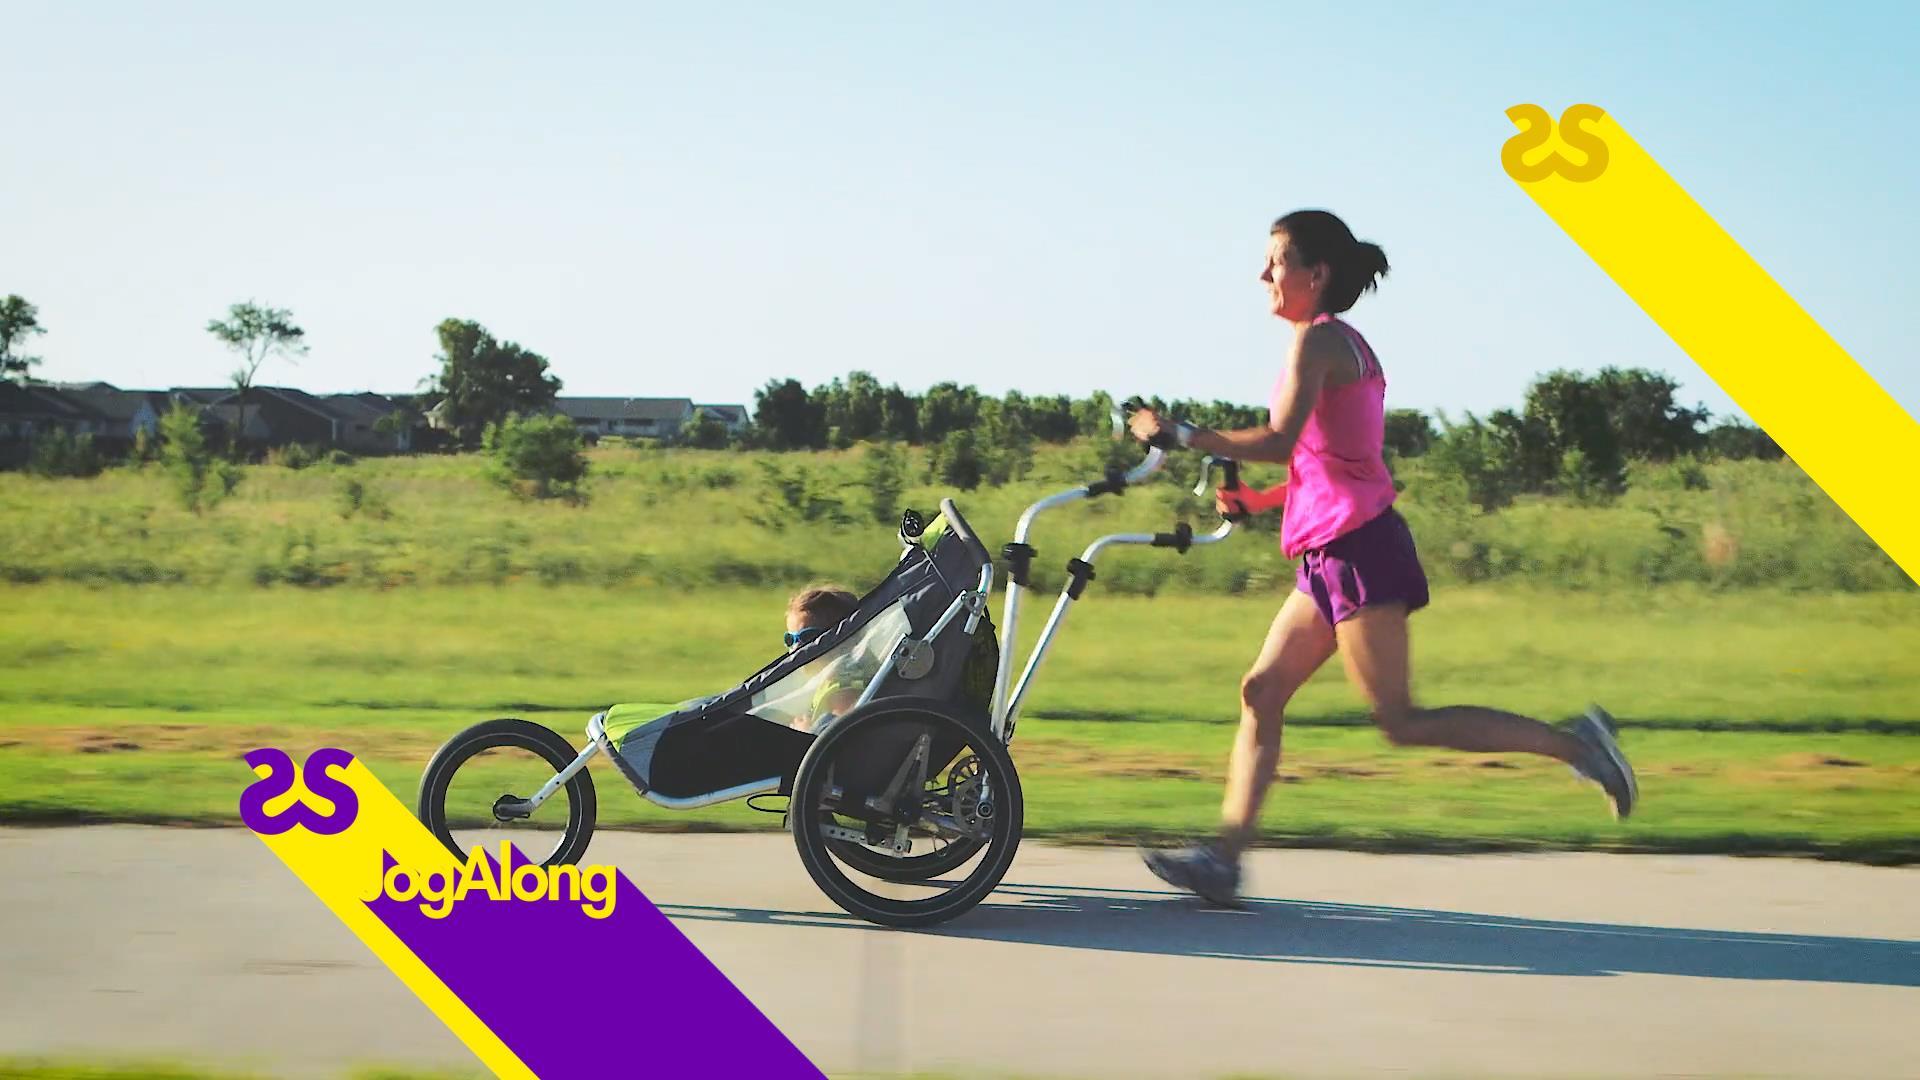 5 migliori accessori e gadget per la bici - JogAlong